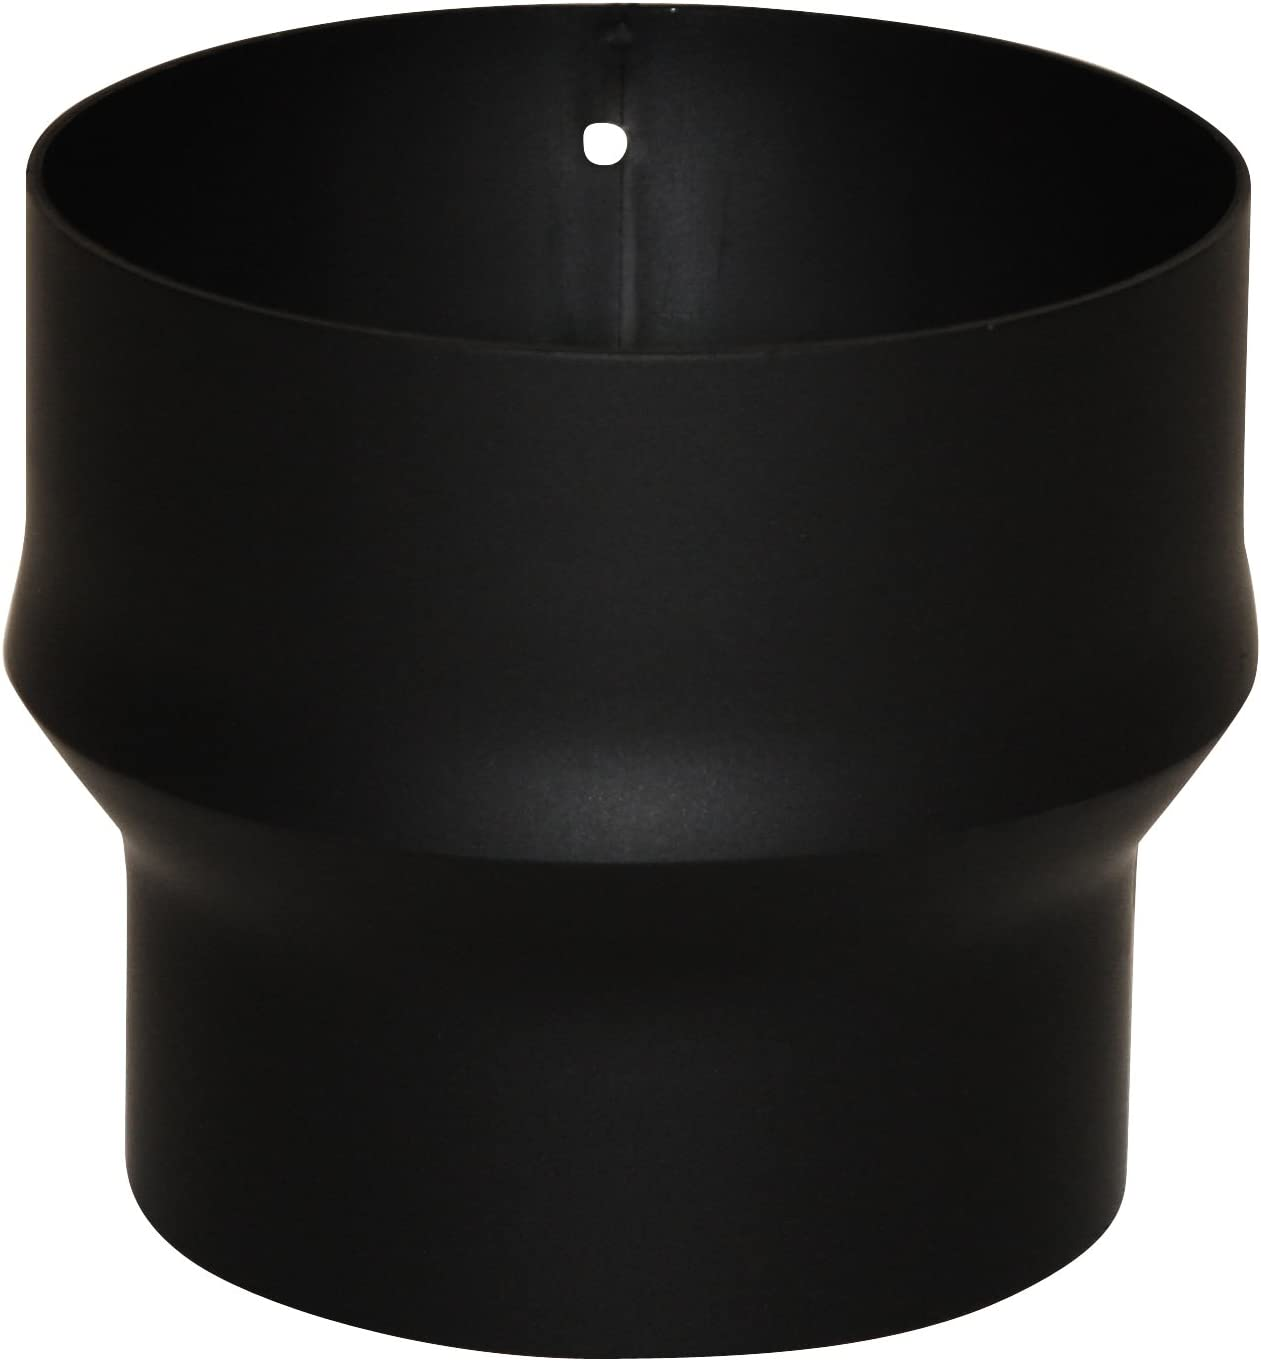 Noir 120 mm//150 mm Tuyau de Raccordement Tube de r/éduction Tuyau de Po/êle env 2 mm /Ø env Kamino-Flam Raccord de R/éduction en acier laqu/é Senotherm Test/é par le Standard EN 1856-2